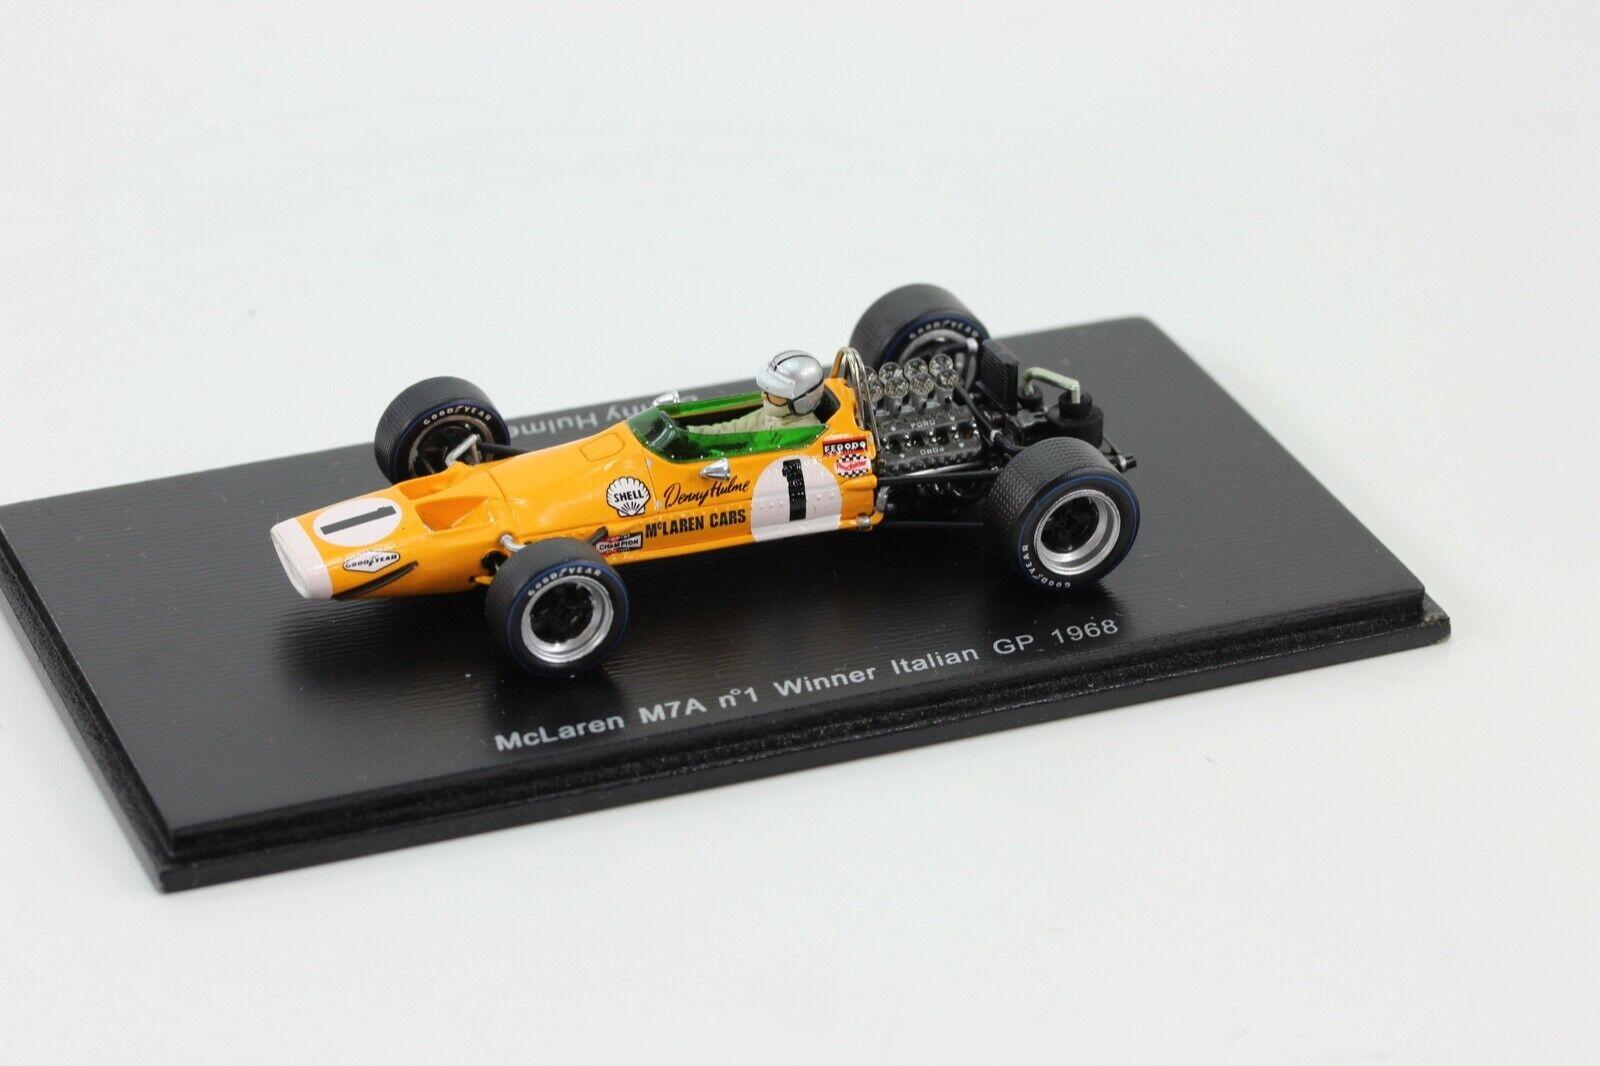 Spark McLaren m7a  1 Winner Denny Hulme  GP  f1 1 43 Spark s3109 en neuf dans sa boîte  le plus préférentiel